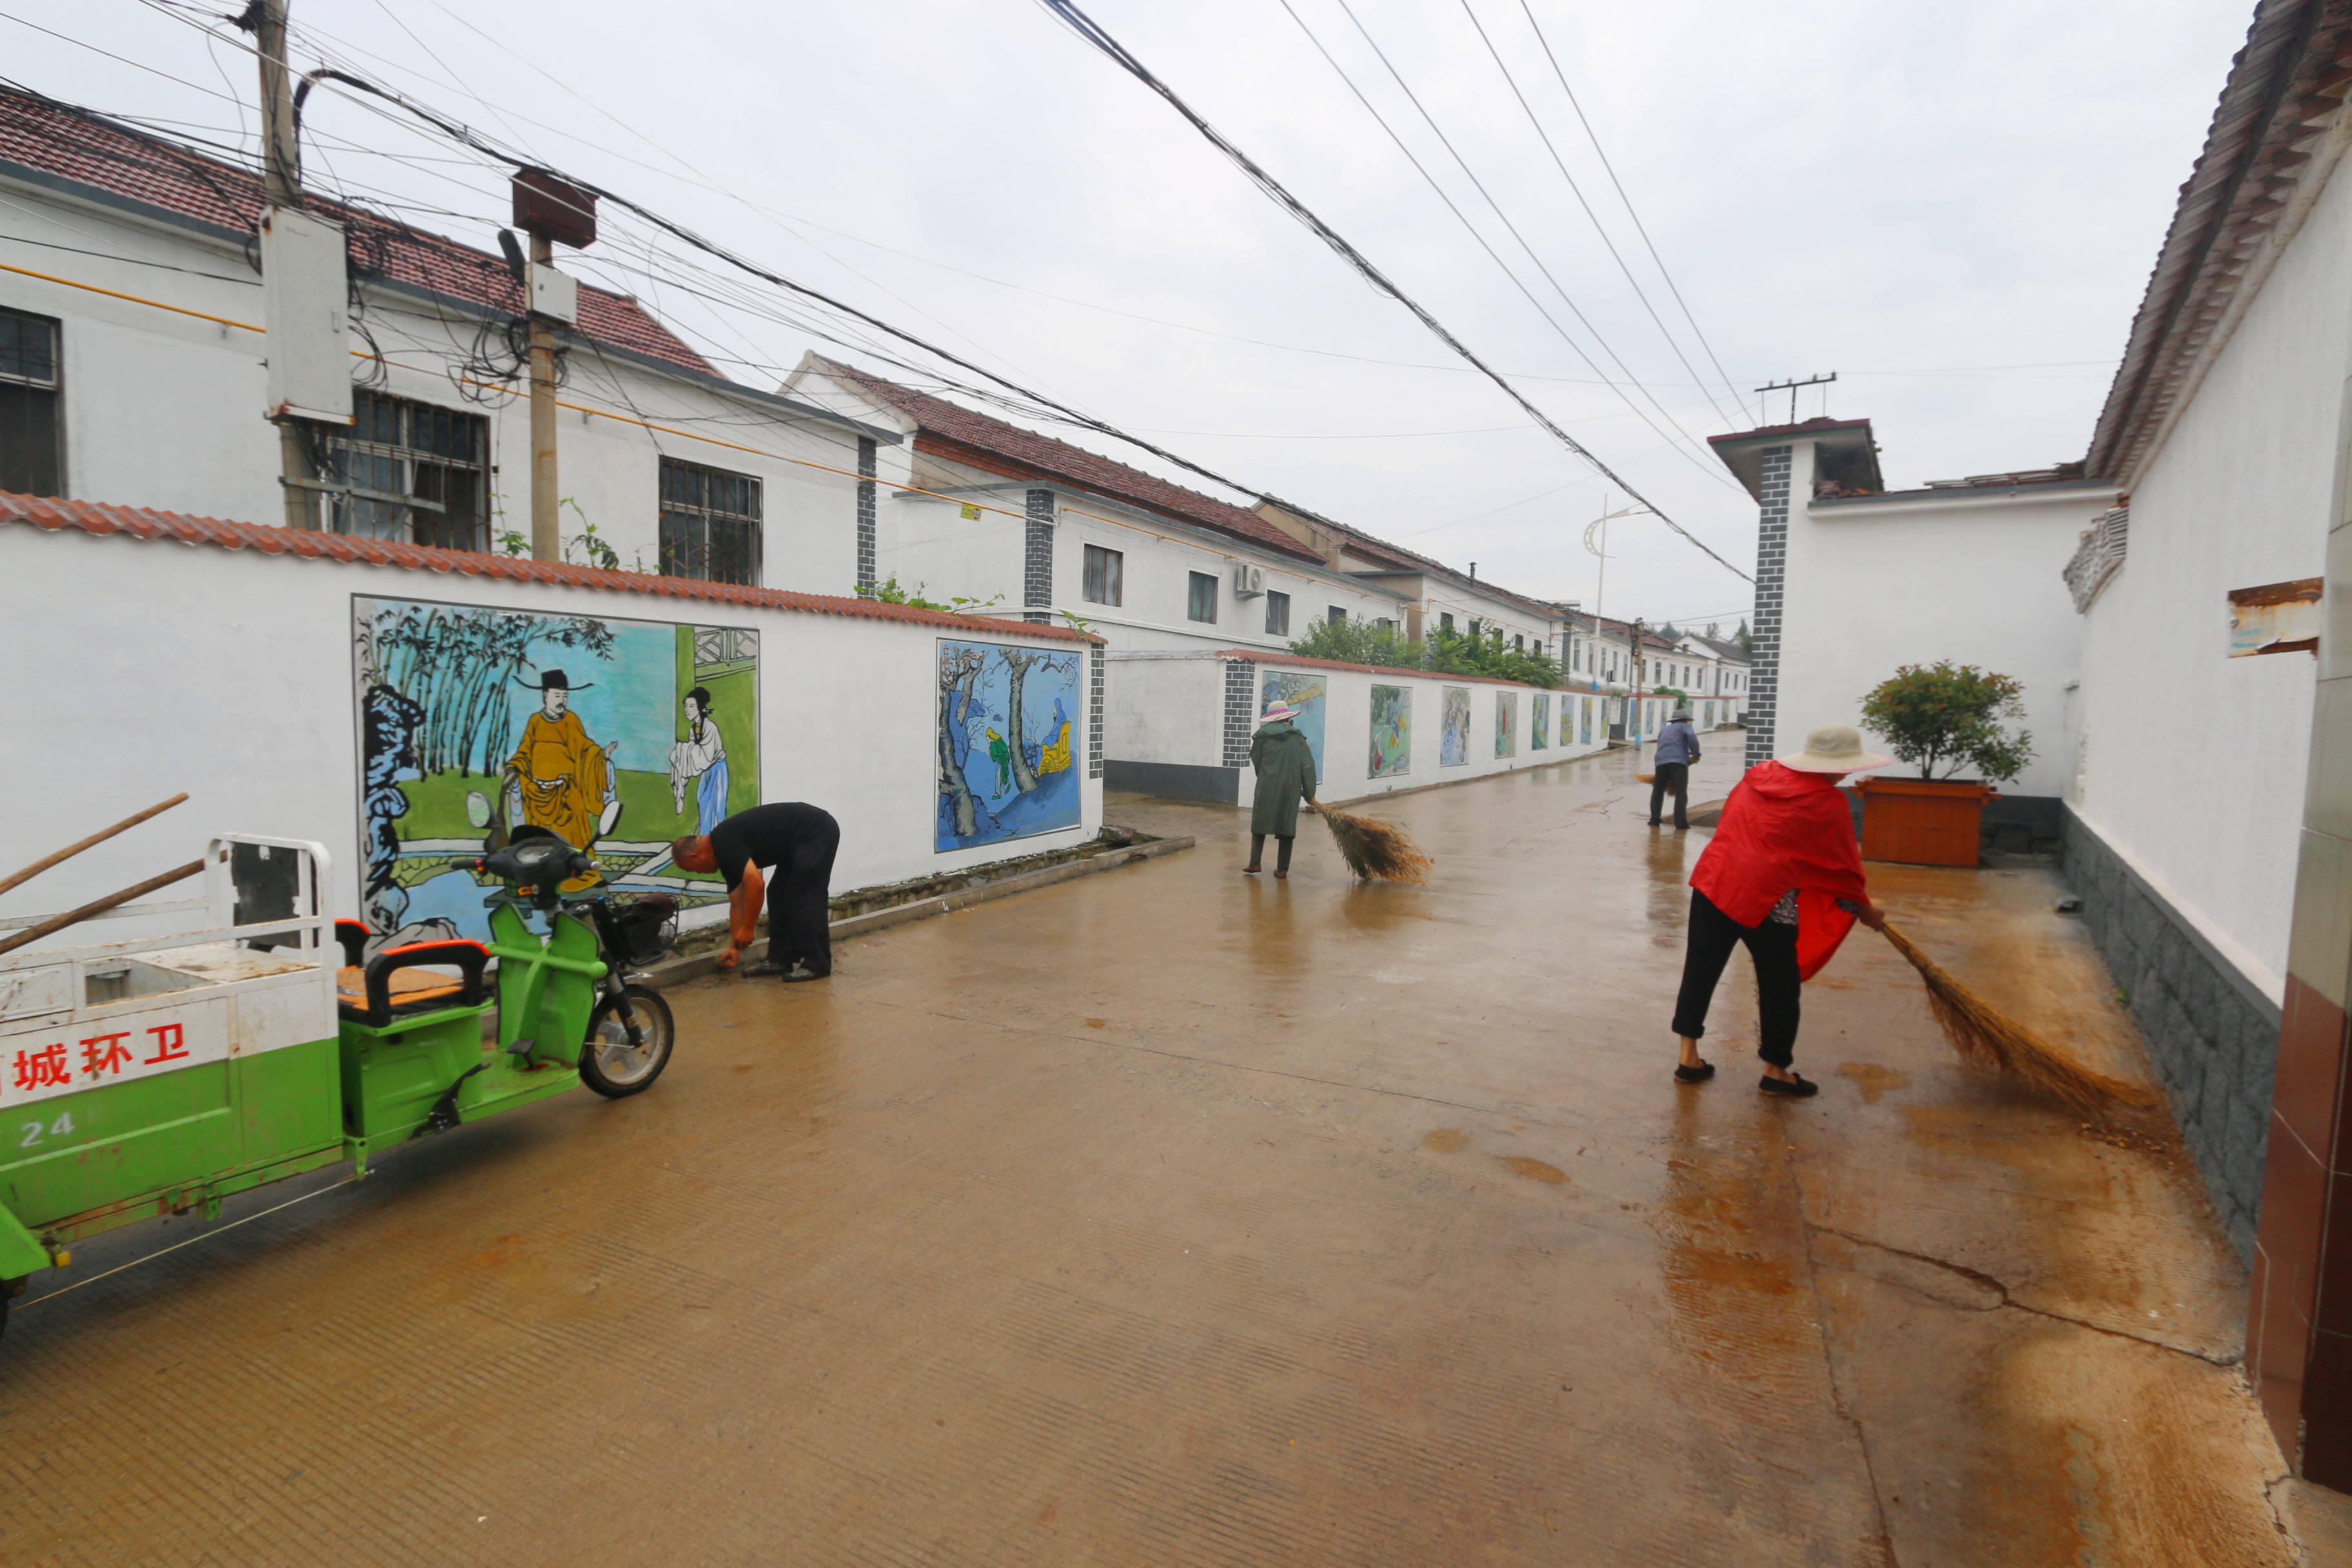 120秒丨旧貌换新颜!看济南钢城区这个村绘制新农村的美丽画卷